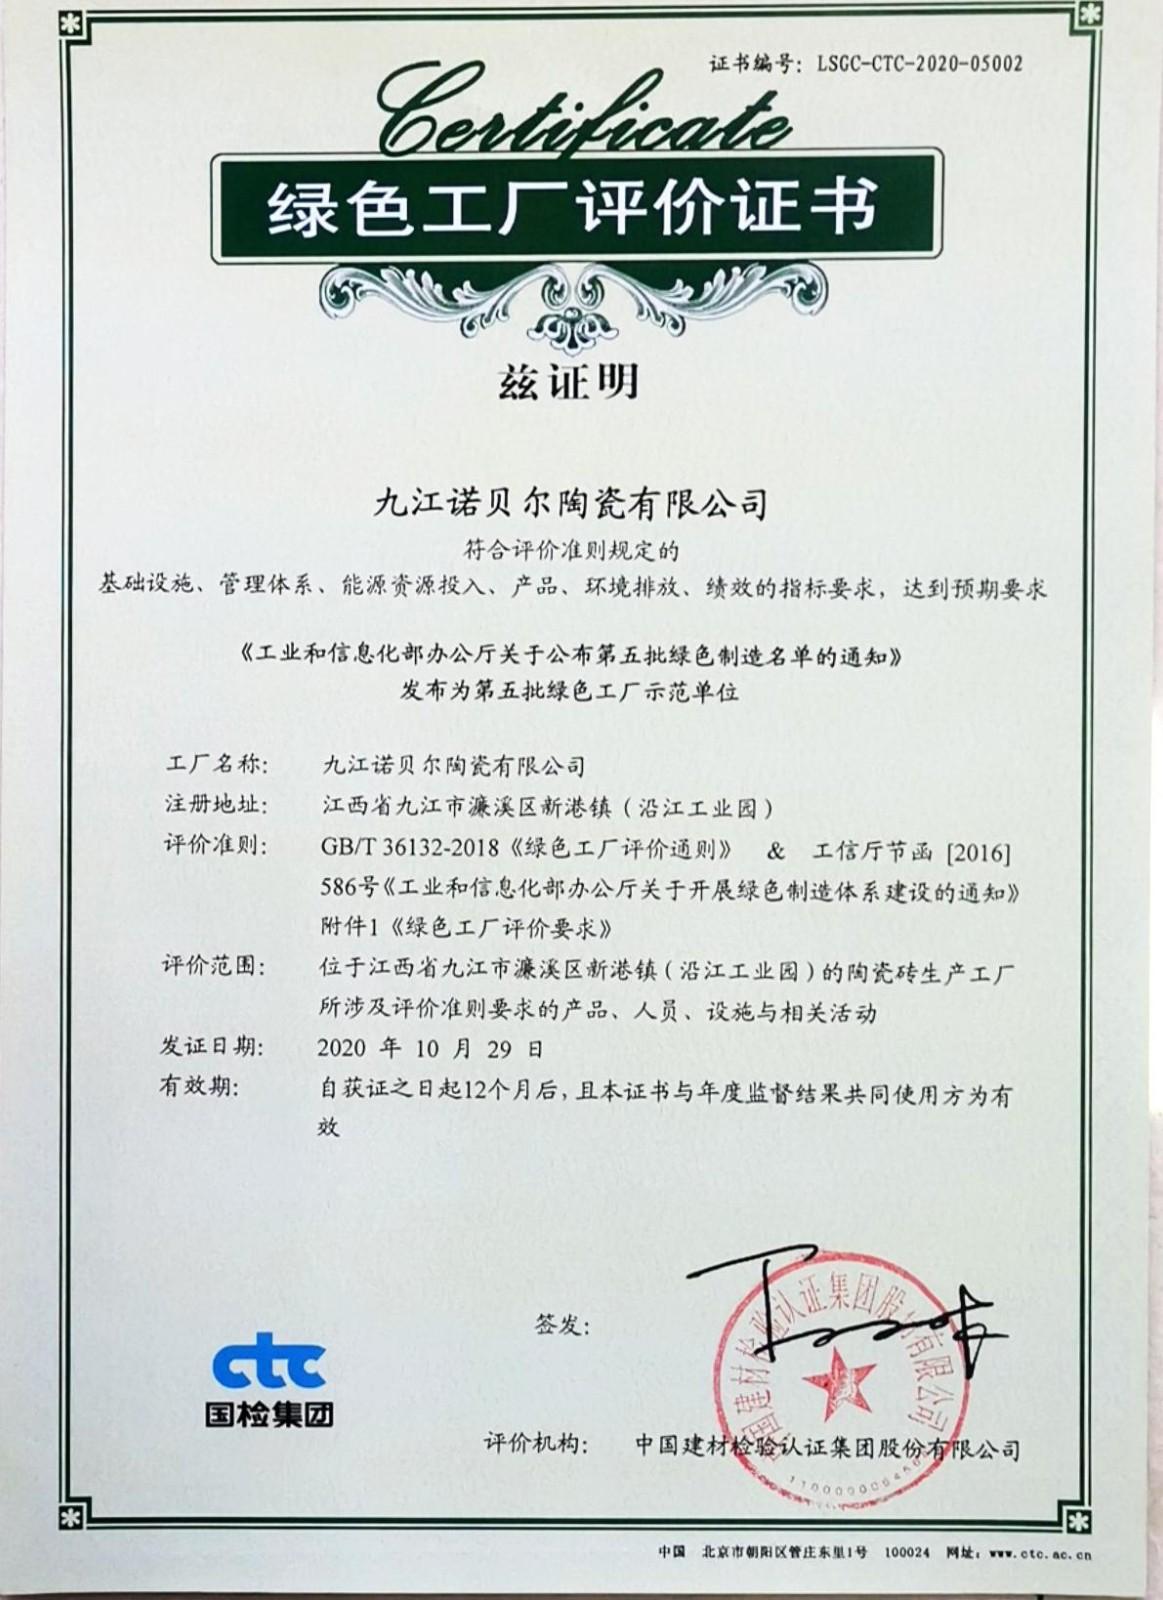 第一张证书.jpg